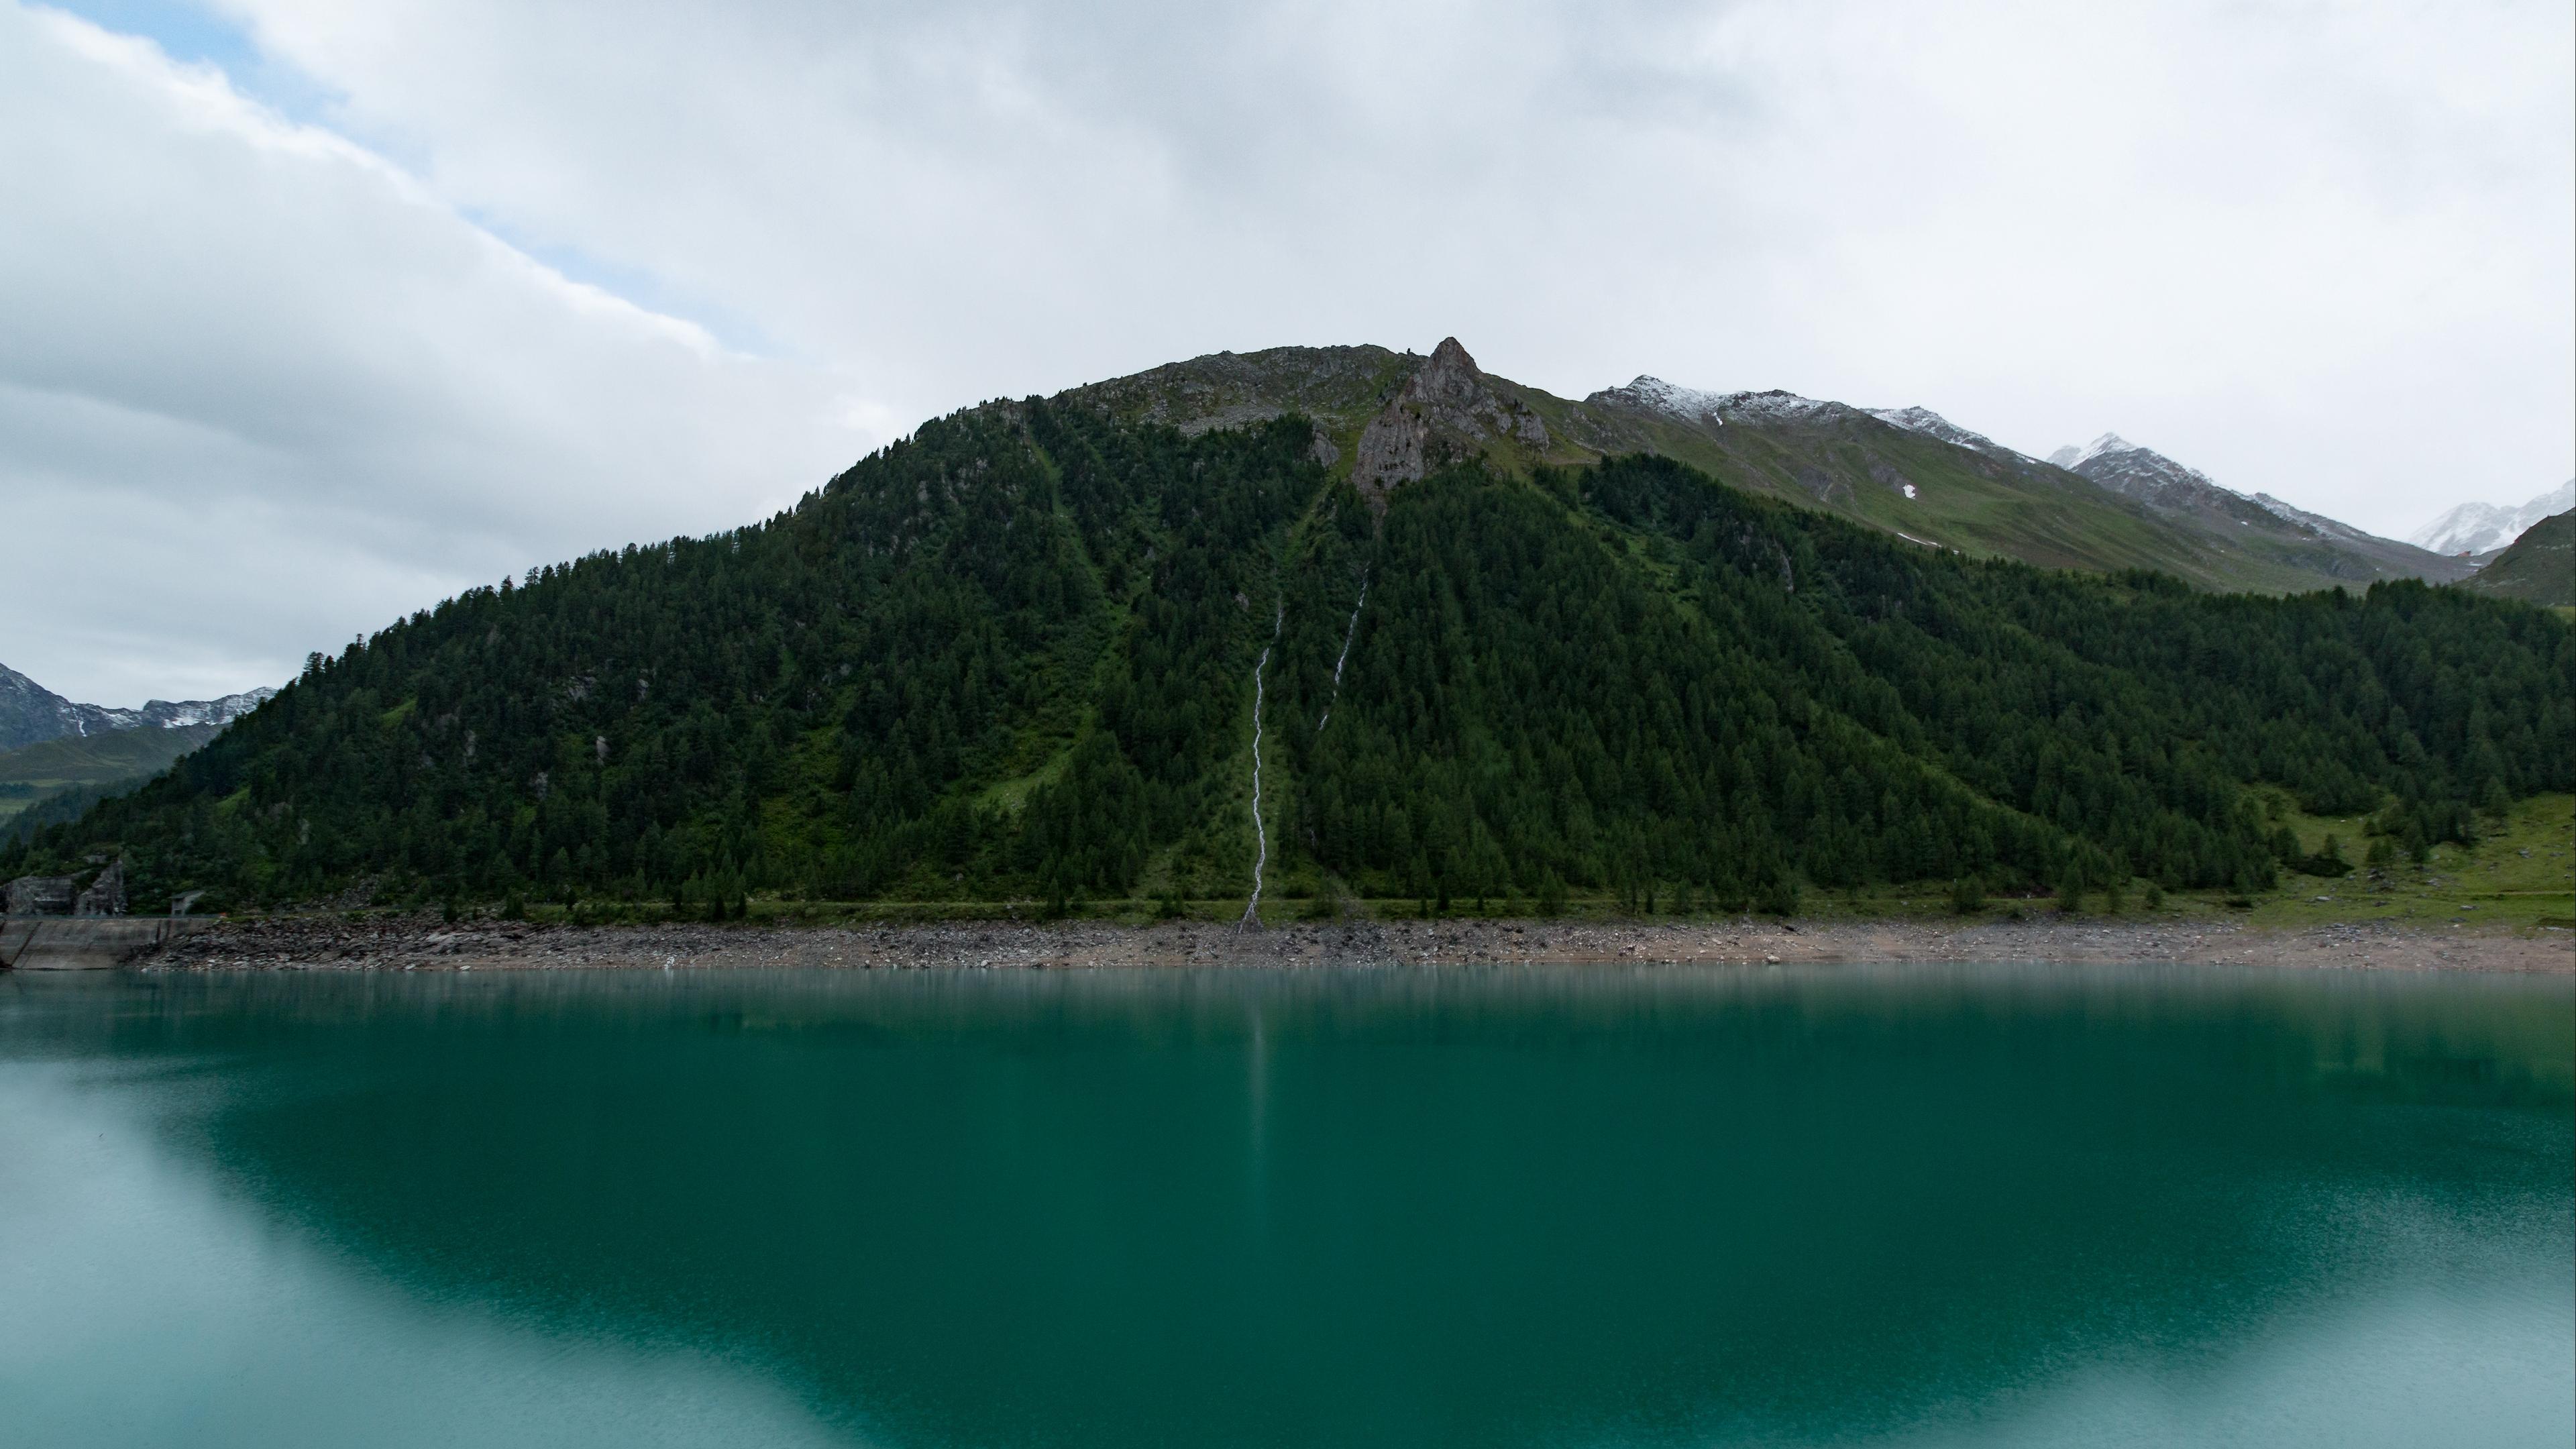 mountain lake sky 4k 1541114578 - mountain, lake, sky 4k - Sky, Mountain, Lake